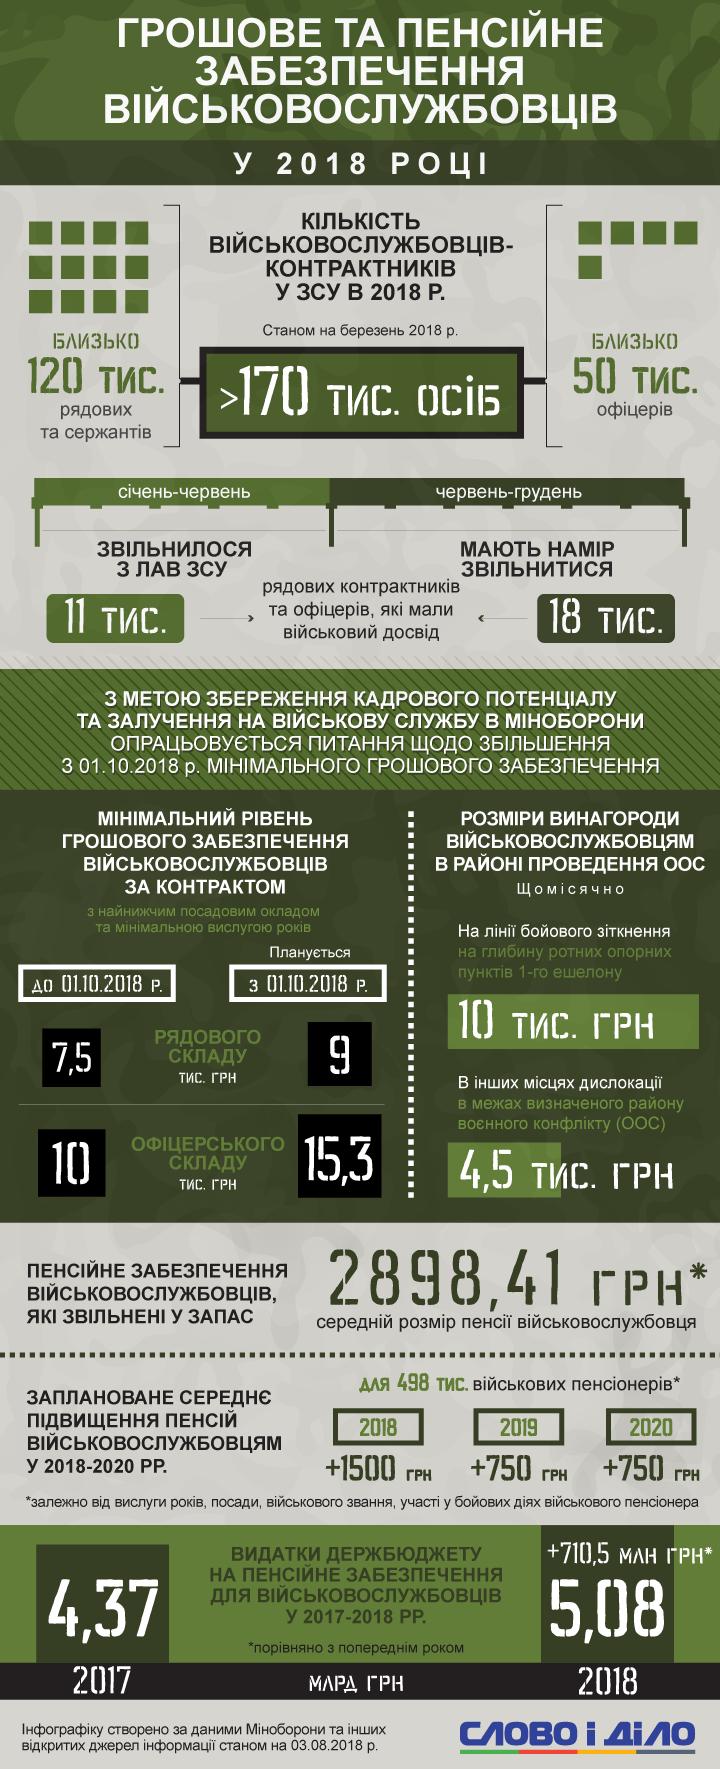 Контрактники в ВСУ с 1 октября будут получать 9 тысяч гривен (рядовой состав) и 15,3 тысячи гривен (офицеры).